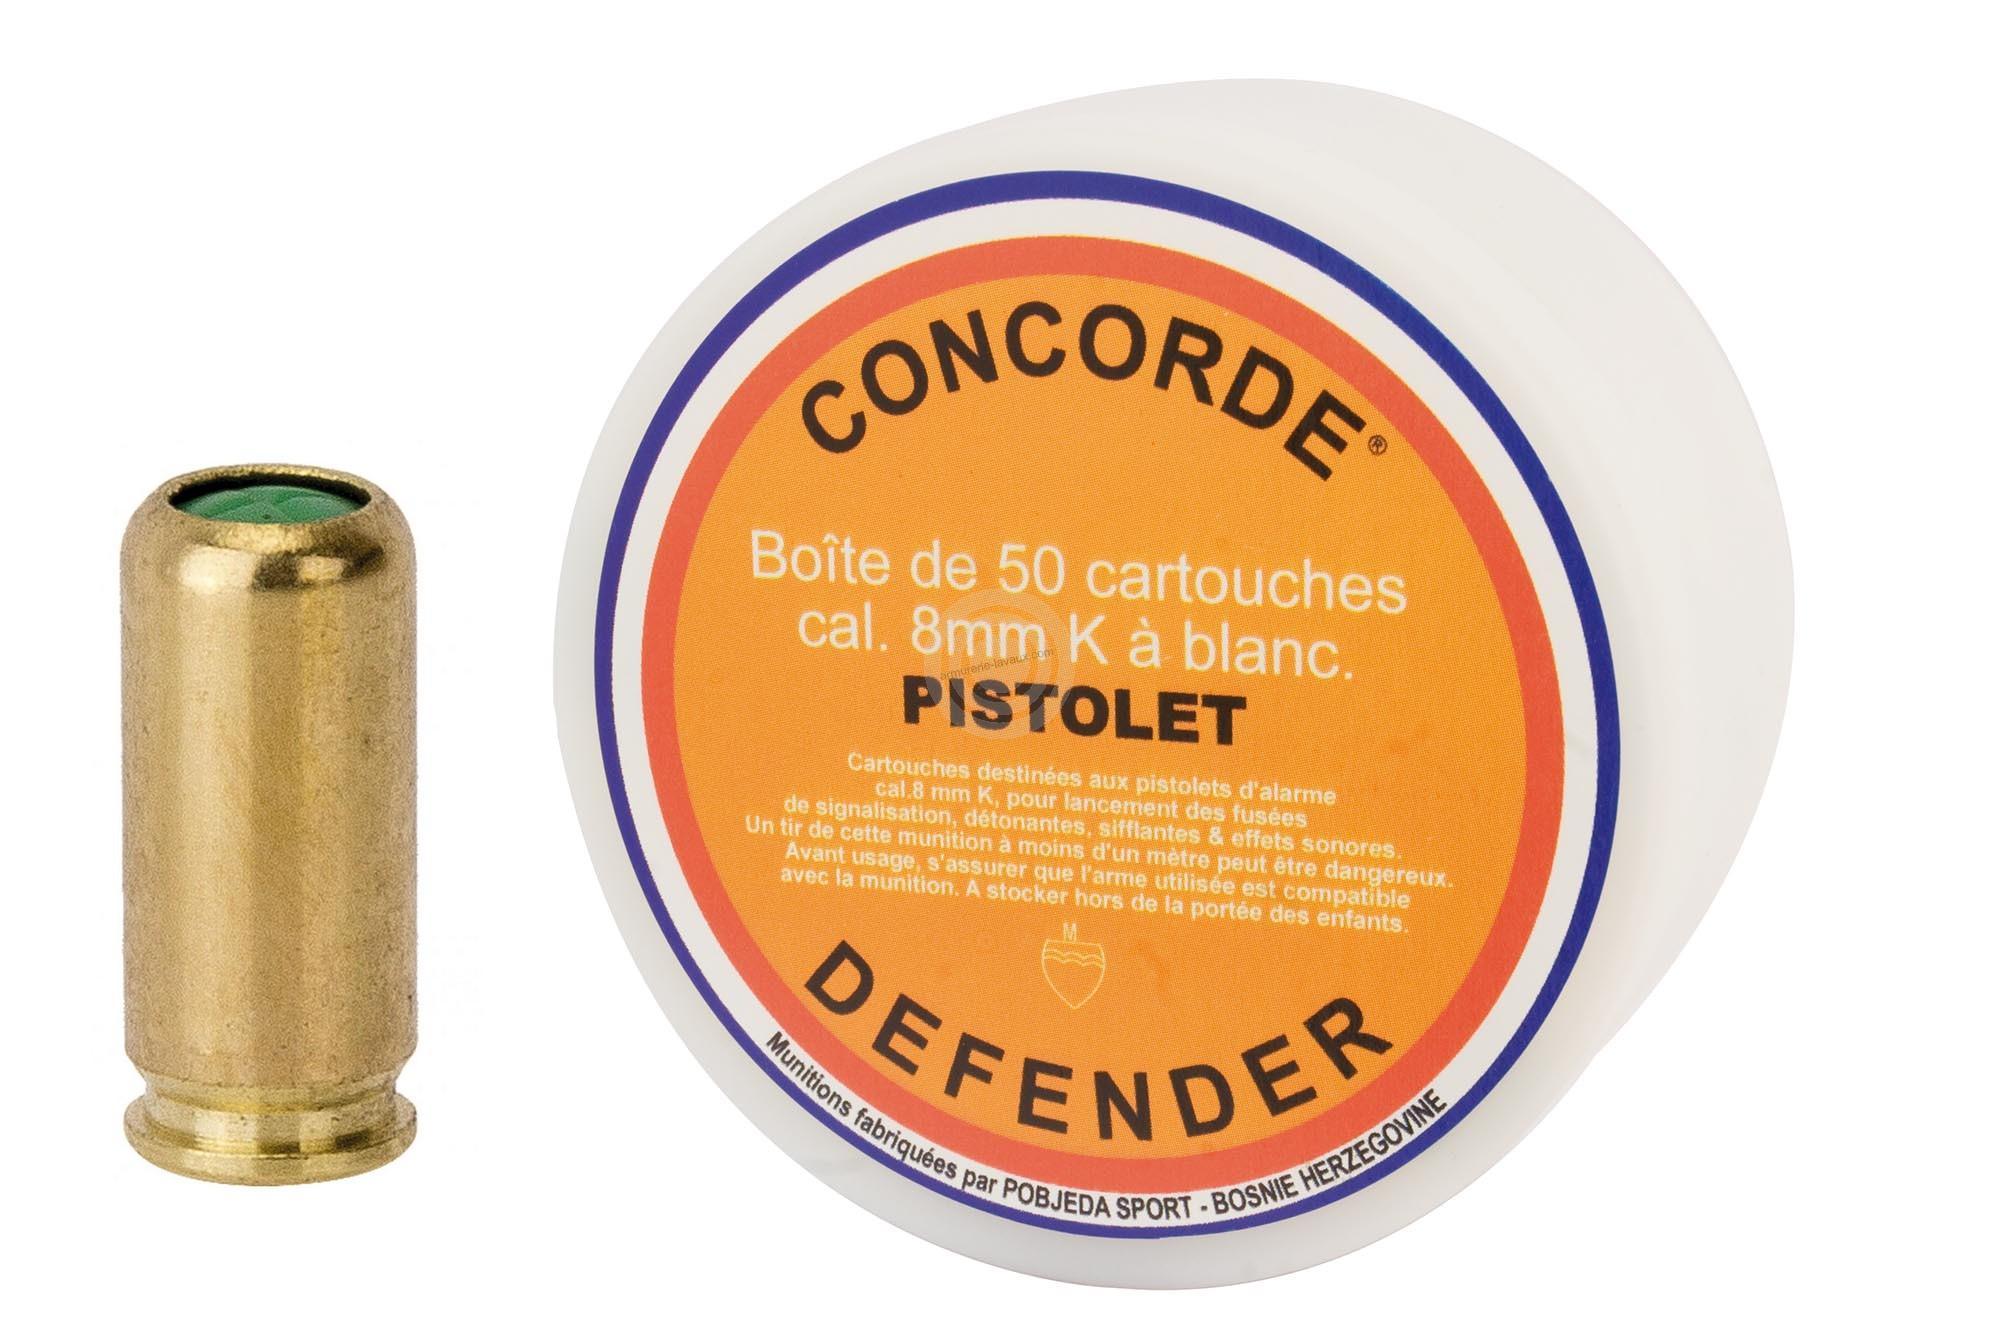 Cartouches 8mm Pistolet à blanc/50 CONCORDE